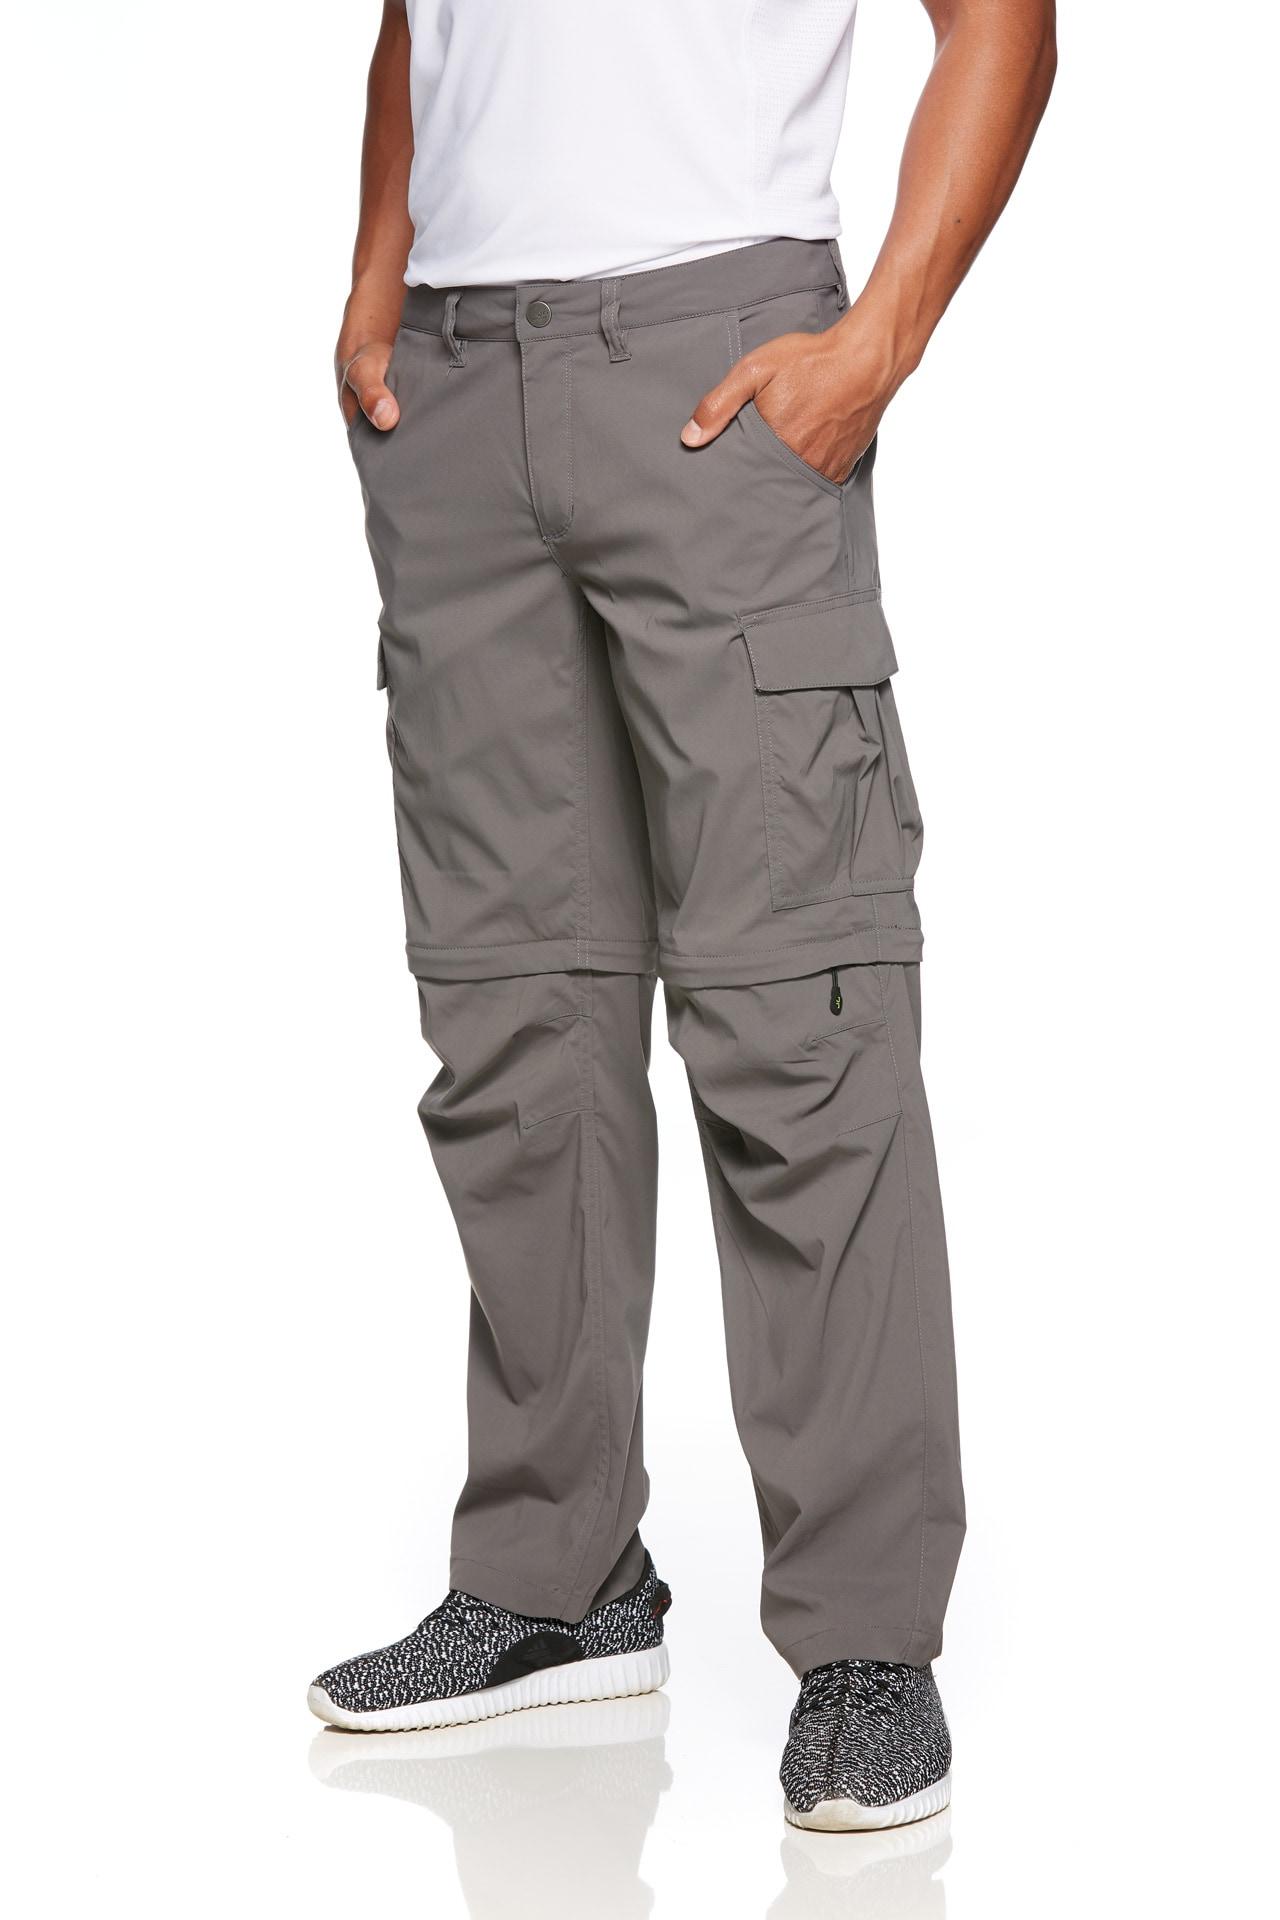 Jeff Green Zip-off-Hose Phill grau Herren Zipp-Off-Hosen Outdoorhosen Hosen